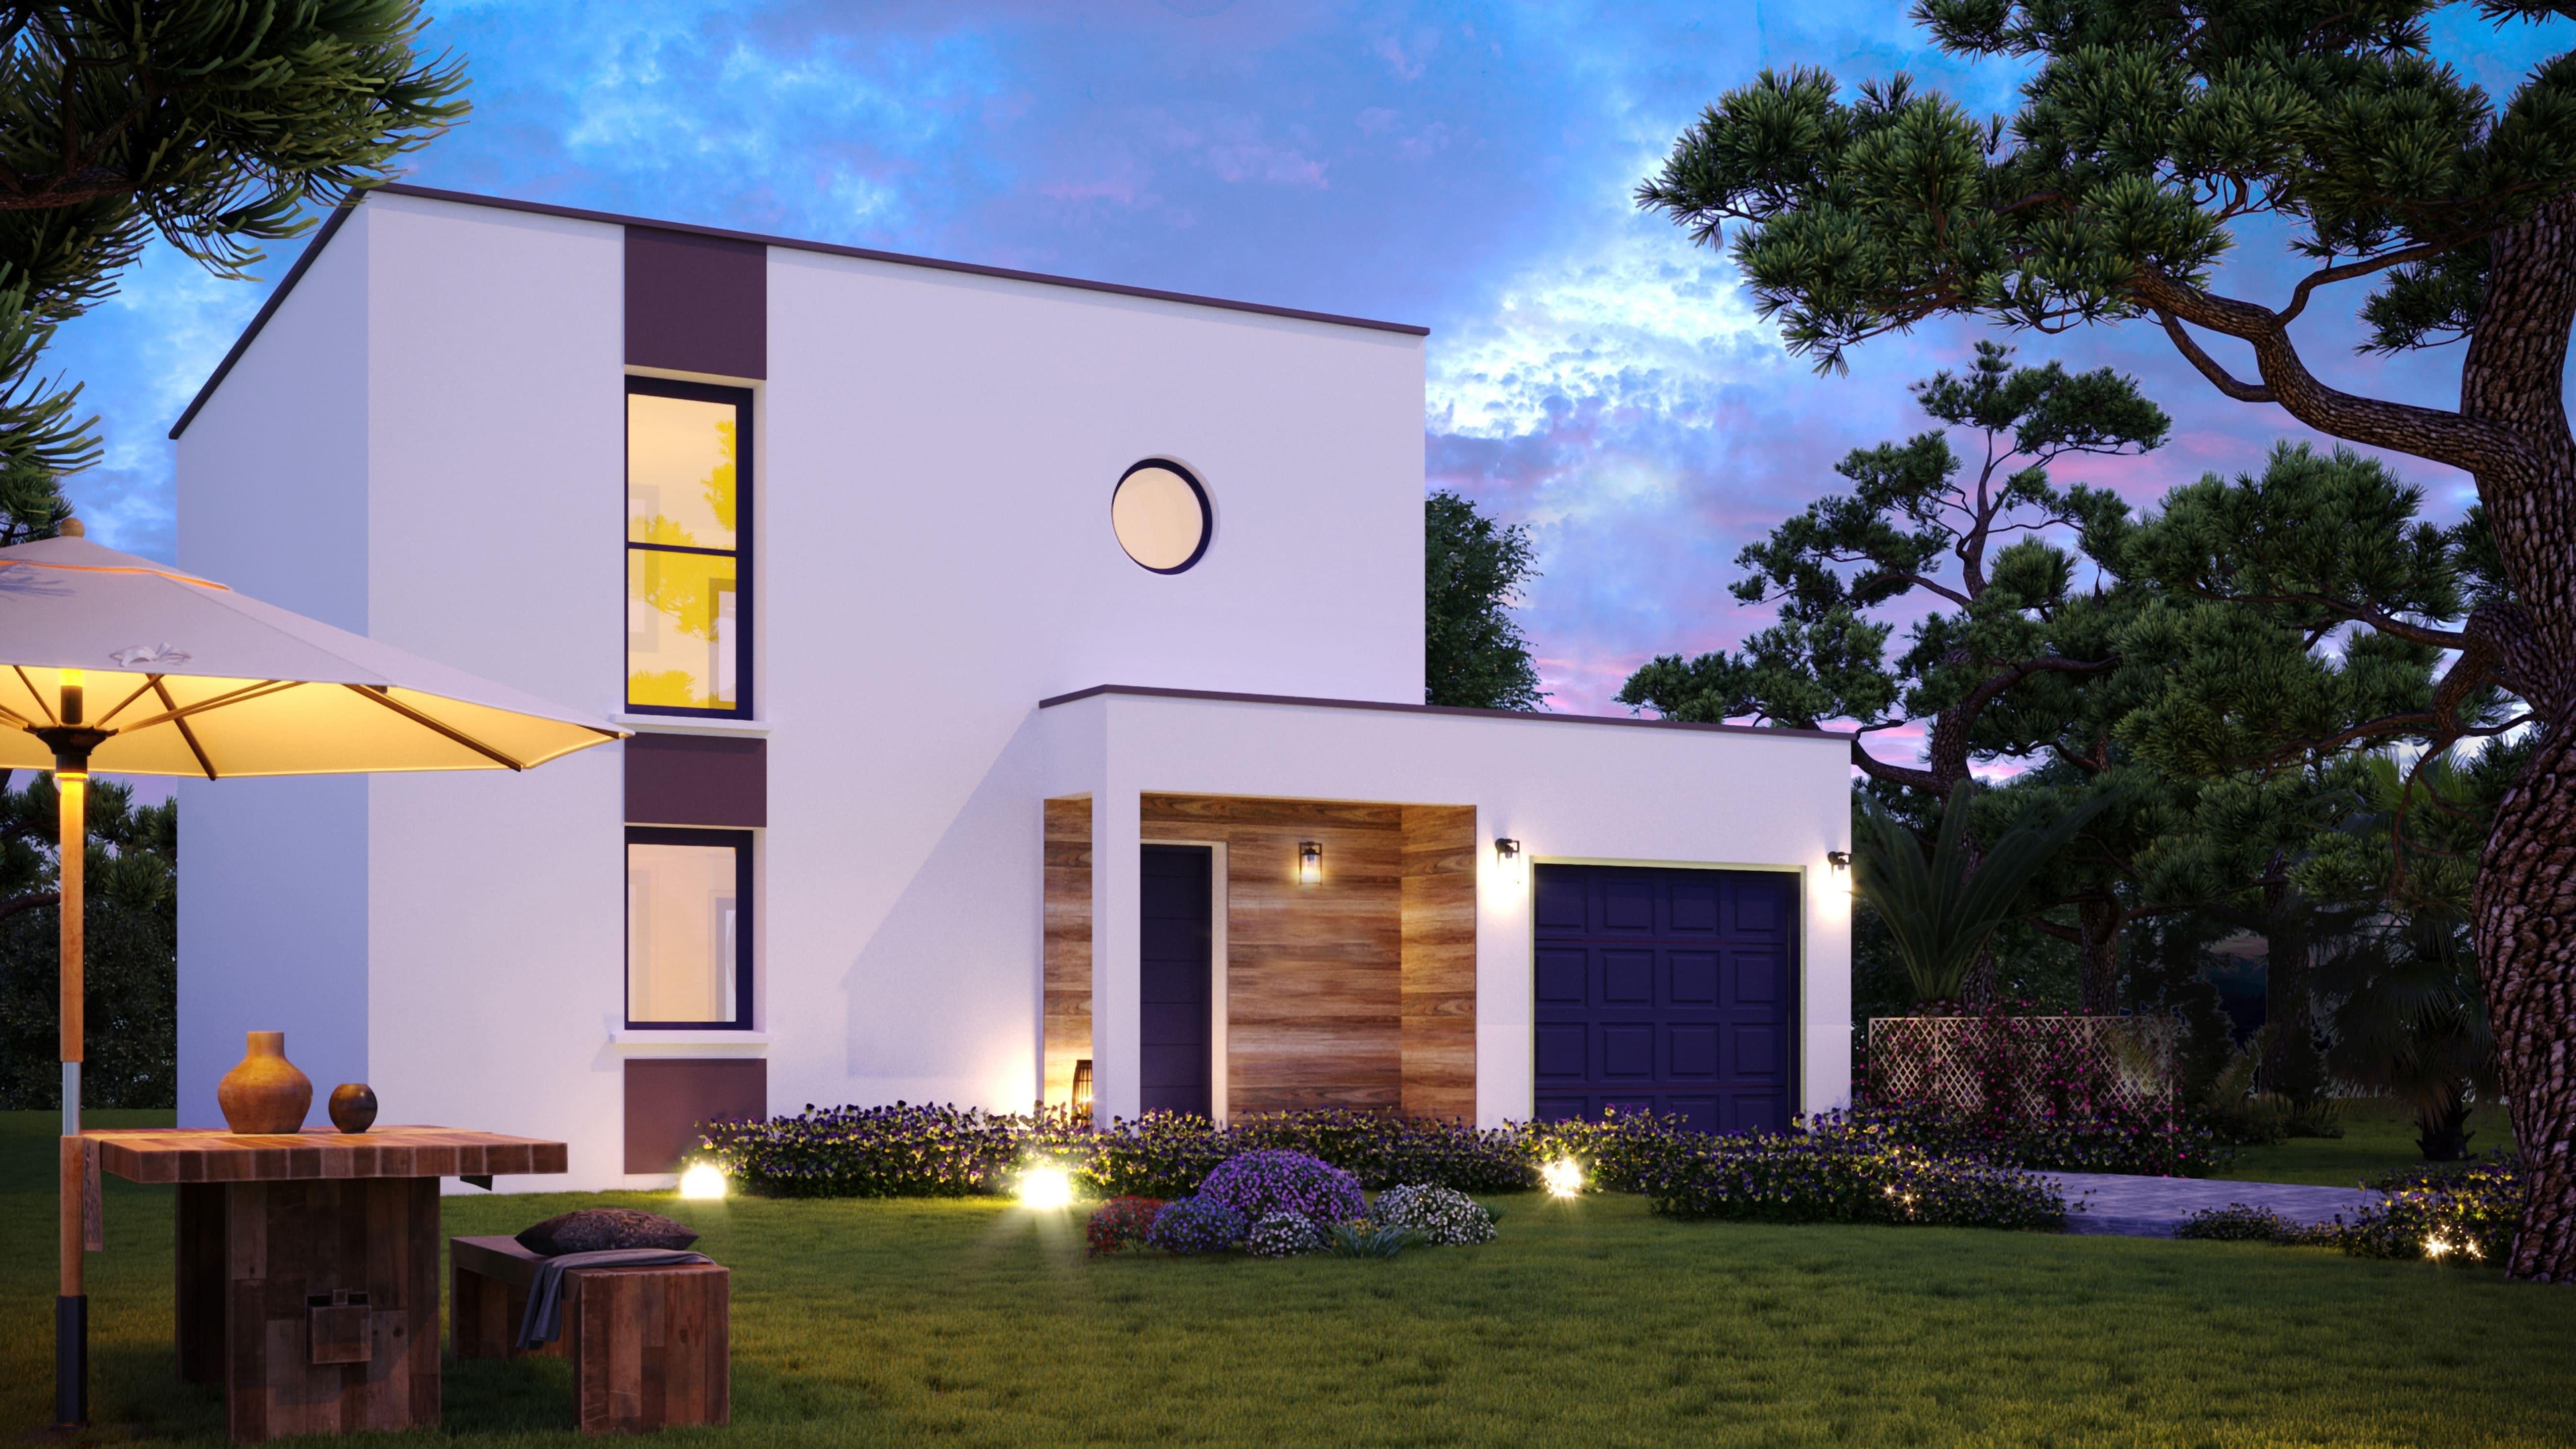 Maisons + Terrains du constructeur VIV'HOME • 93 m² • SALLES SUR MER